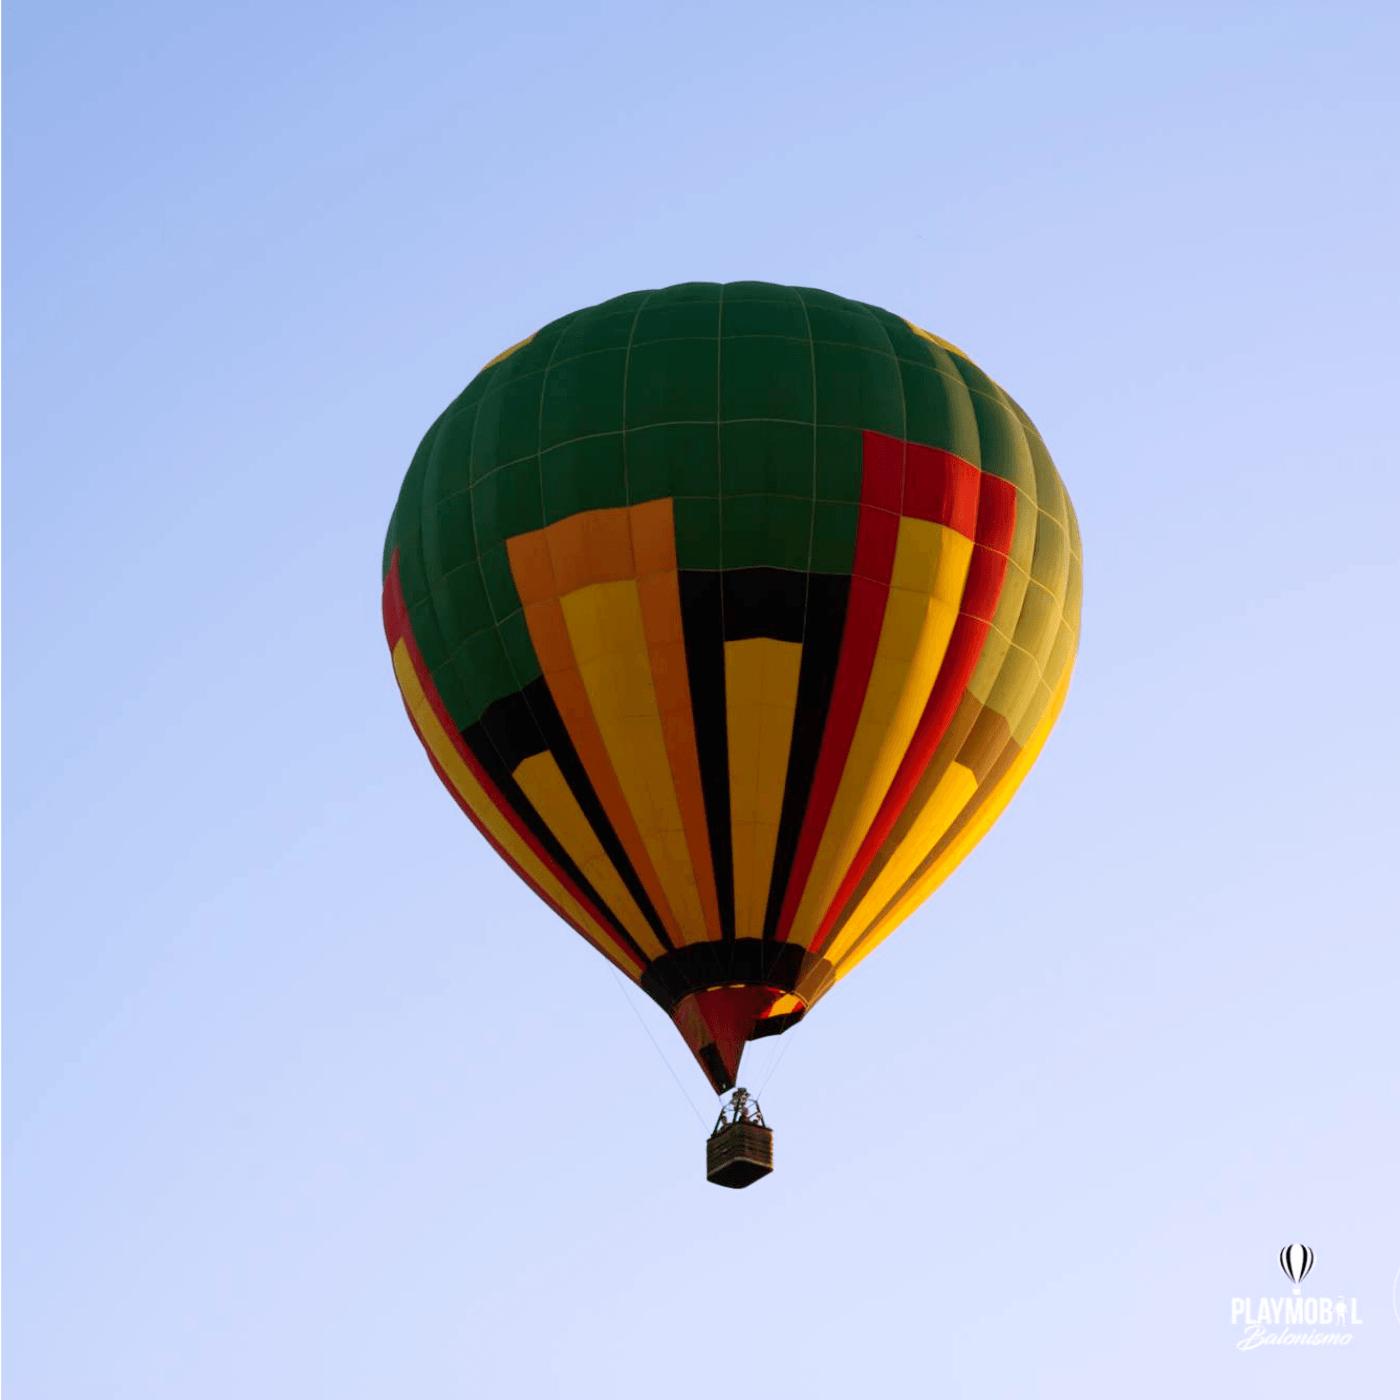 Passeio de Balão para 2 pessoas em Boituva-SP (Agende sua data)